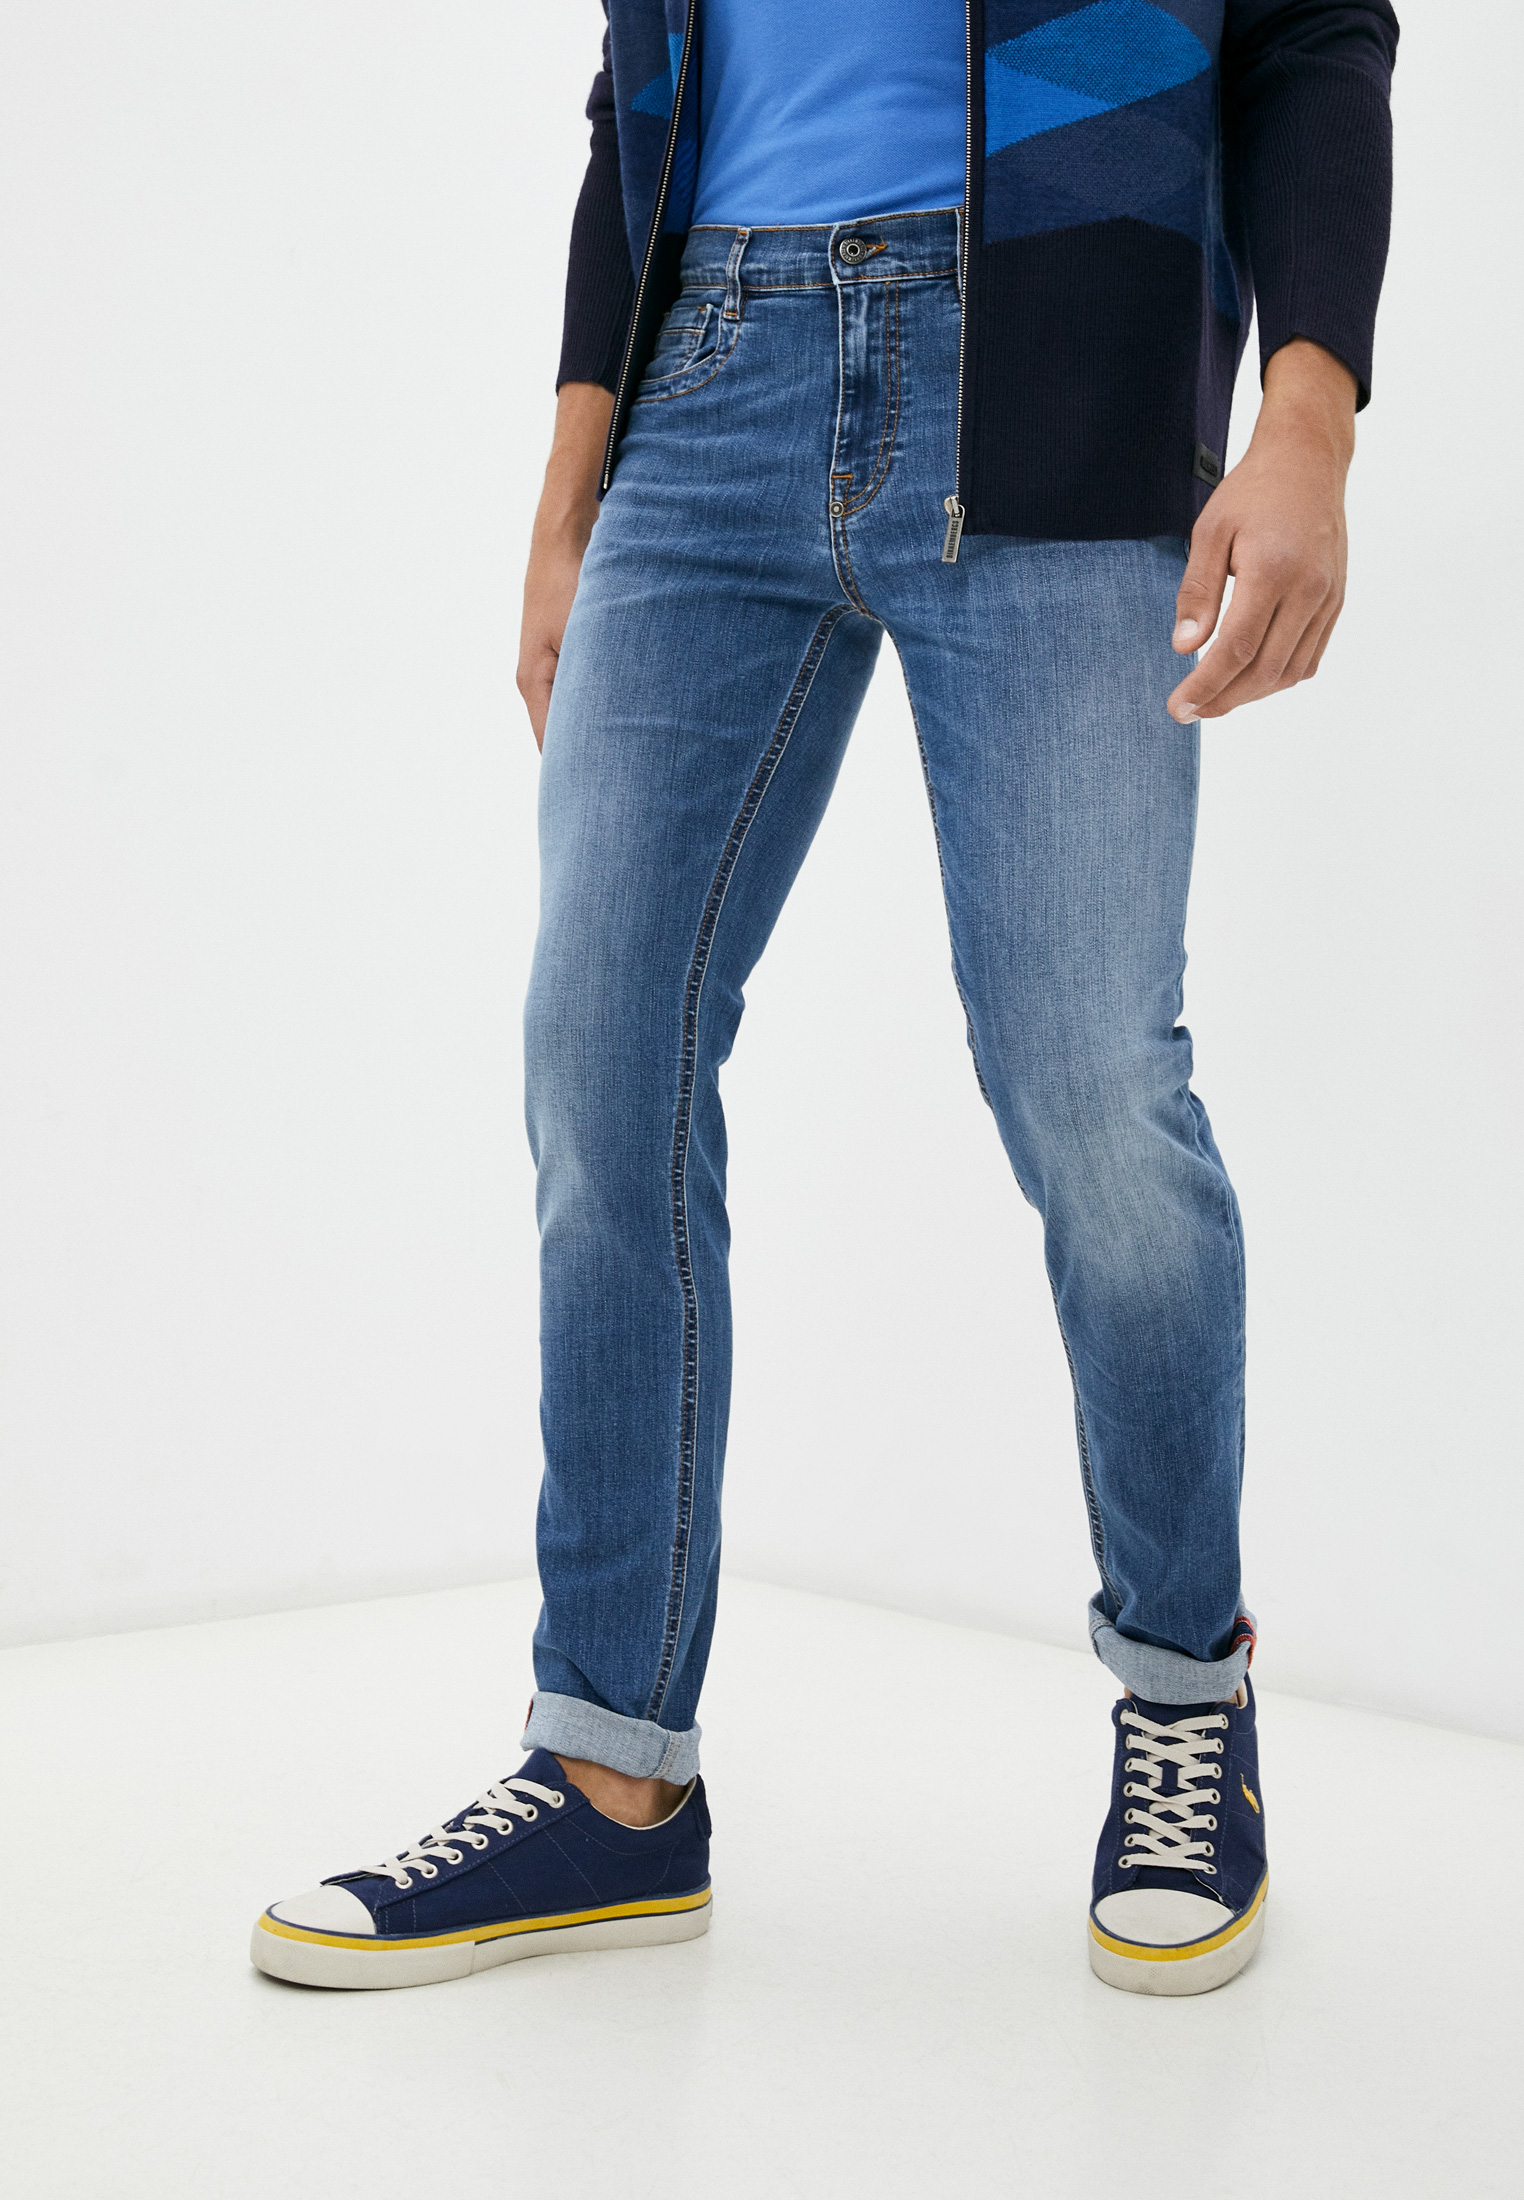 Мужские зауженные джинсы Bikkembergs (Биккембергс) C Q 101 05 S 3337: изображение 1